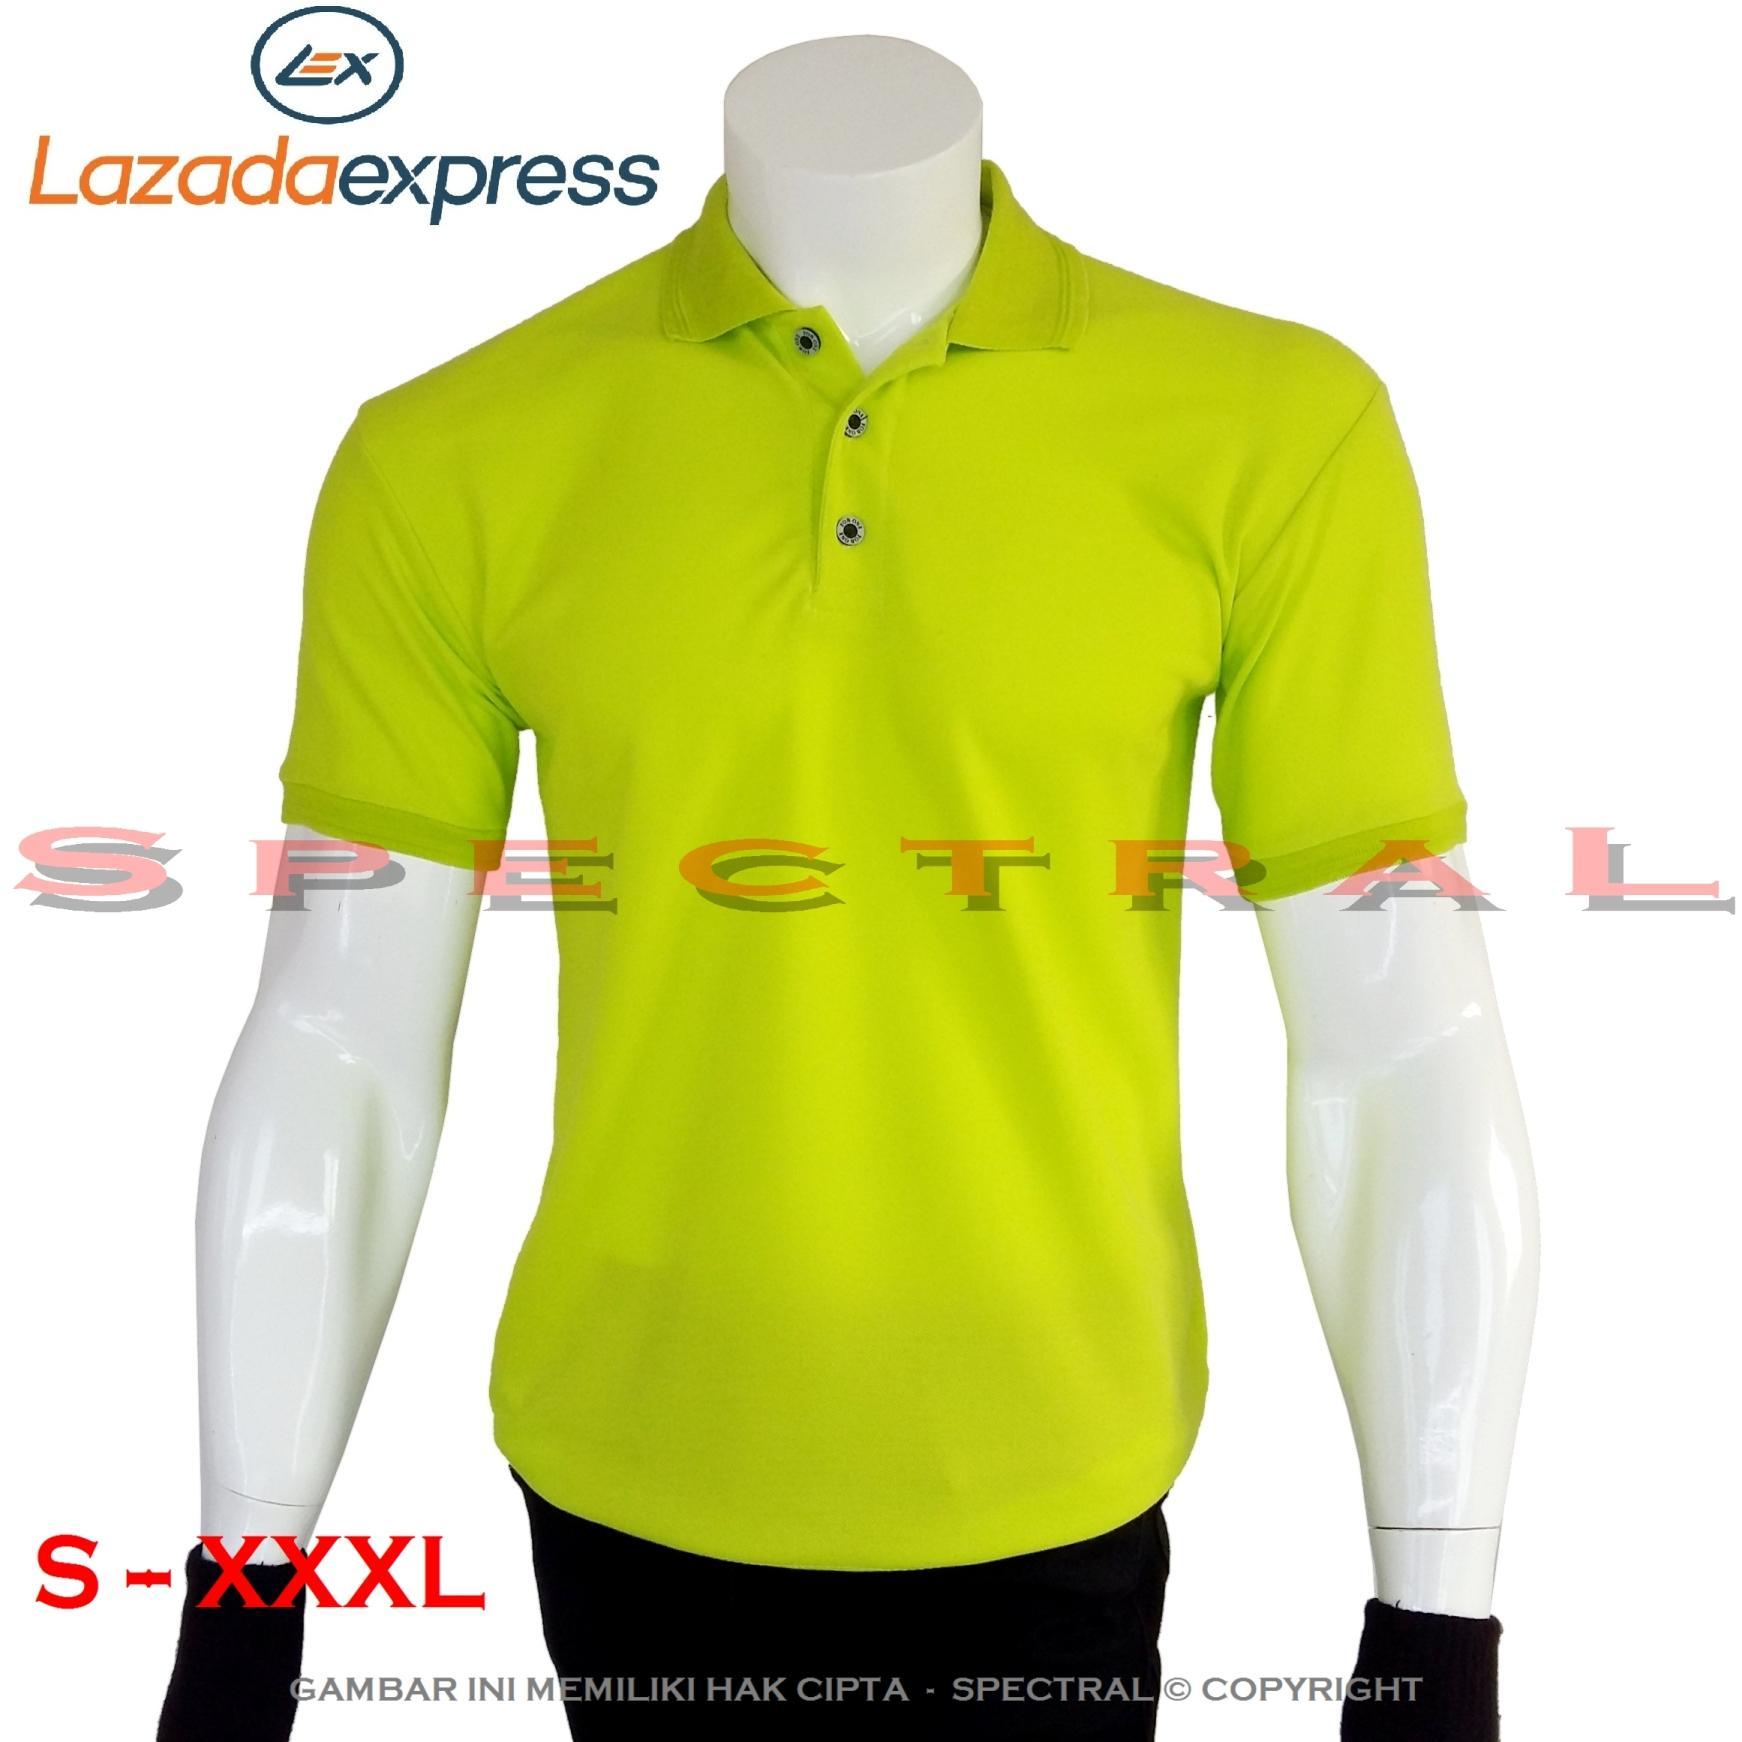 Polo Shirt Pria Terbaru Murah Cole 3 Baju Crocodile Men Slim Fit Katun Army M Spectral 22 Warna S L Xl Xxl Xxxl 2l 3l Kaos Distro T